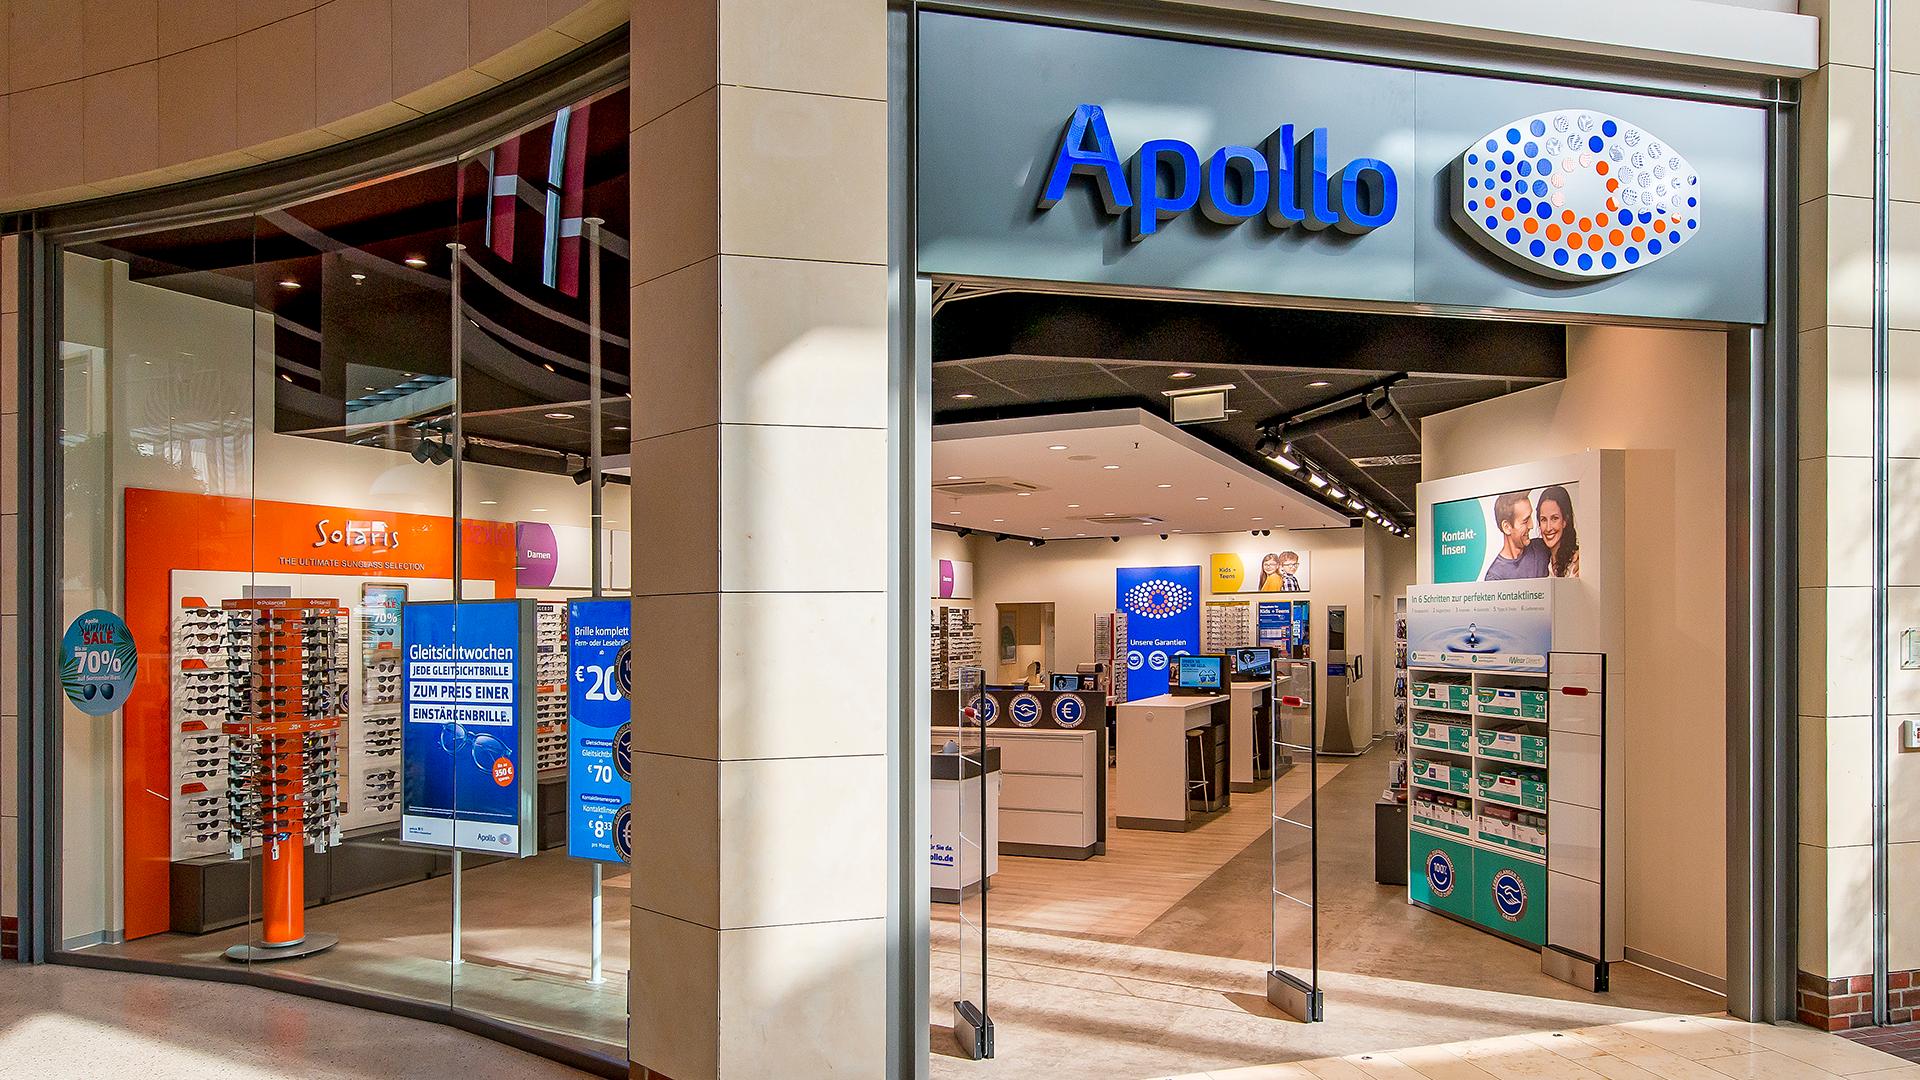 sehen schön und charmant Dauerhafter Service Apollo Optik - LOOKENTOR - Die Shopping-Galerie im Herzen ...